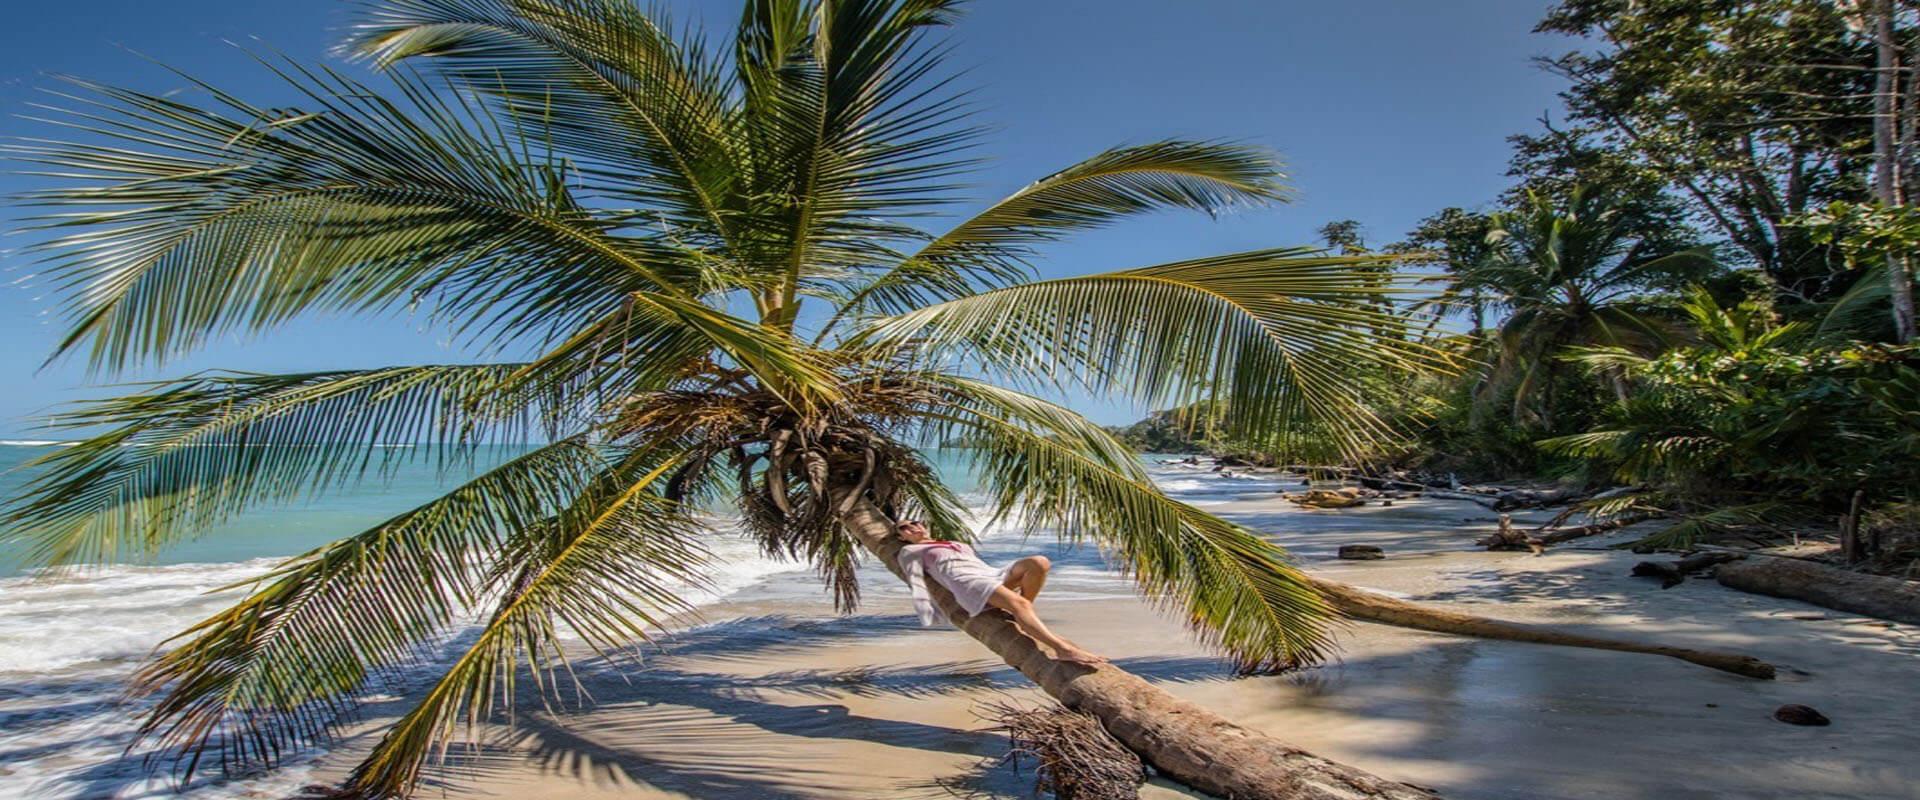 Picture of a beautiful Costa Rica beach.